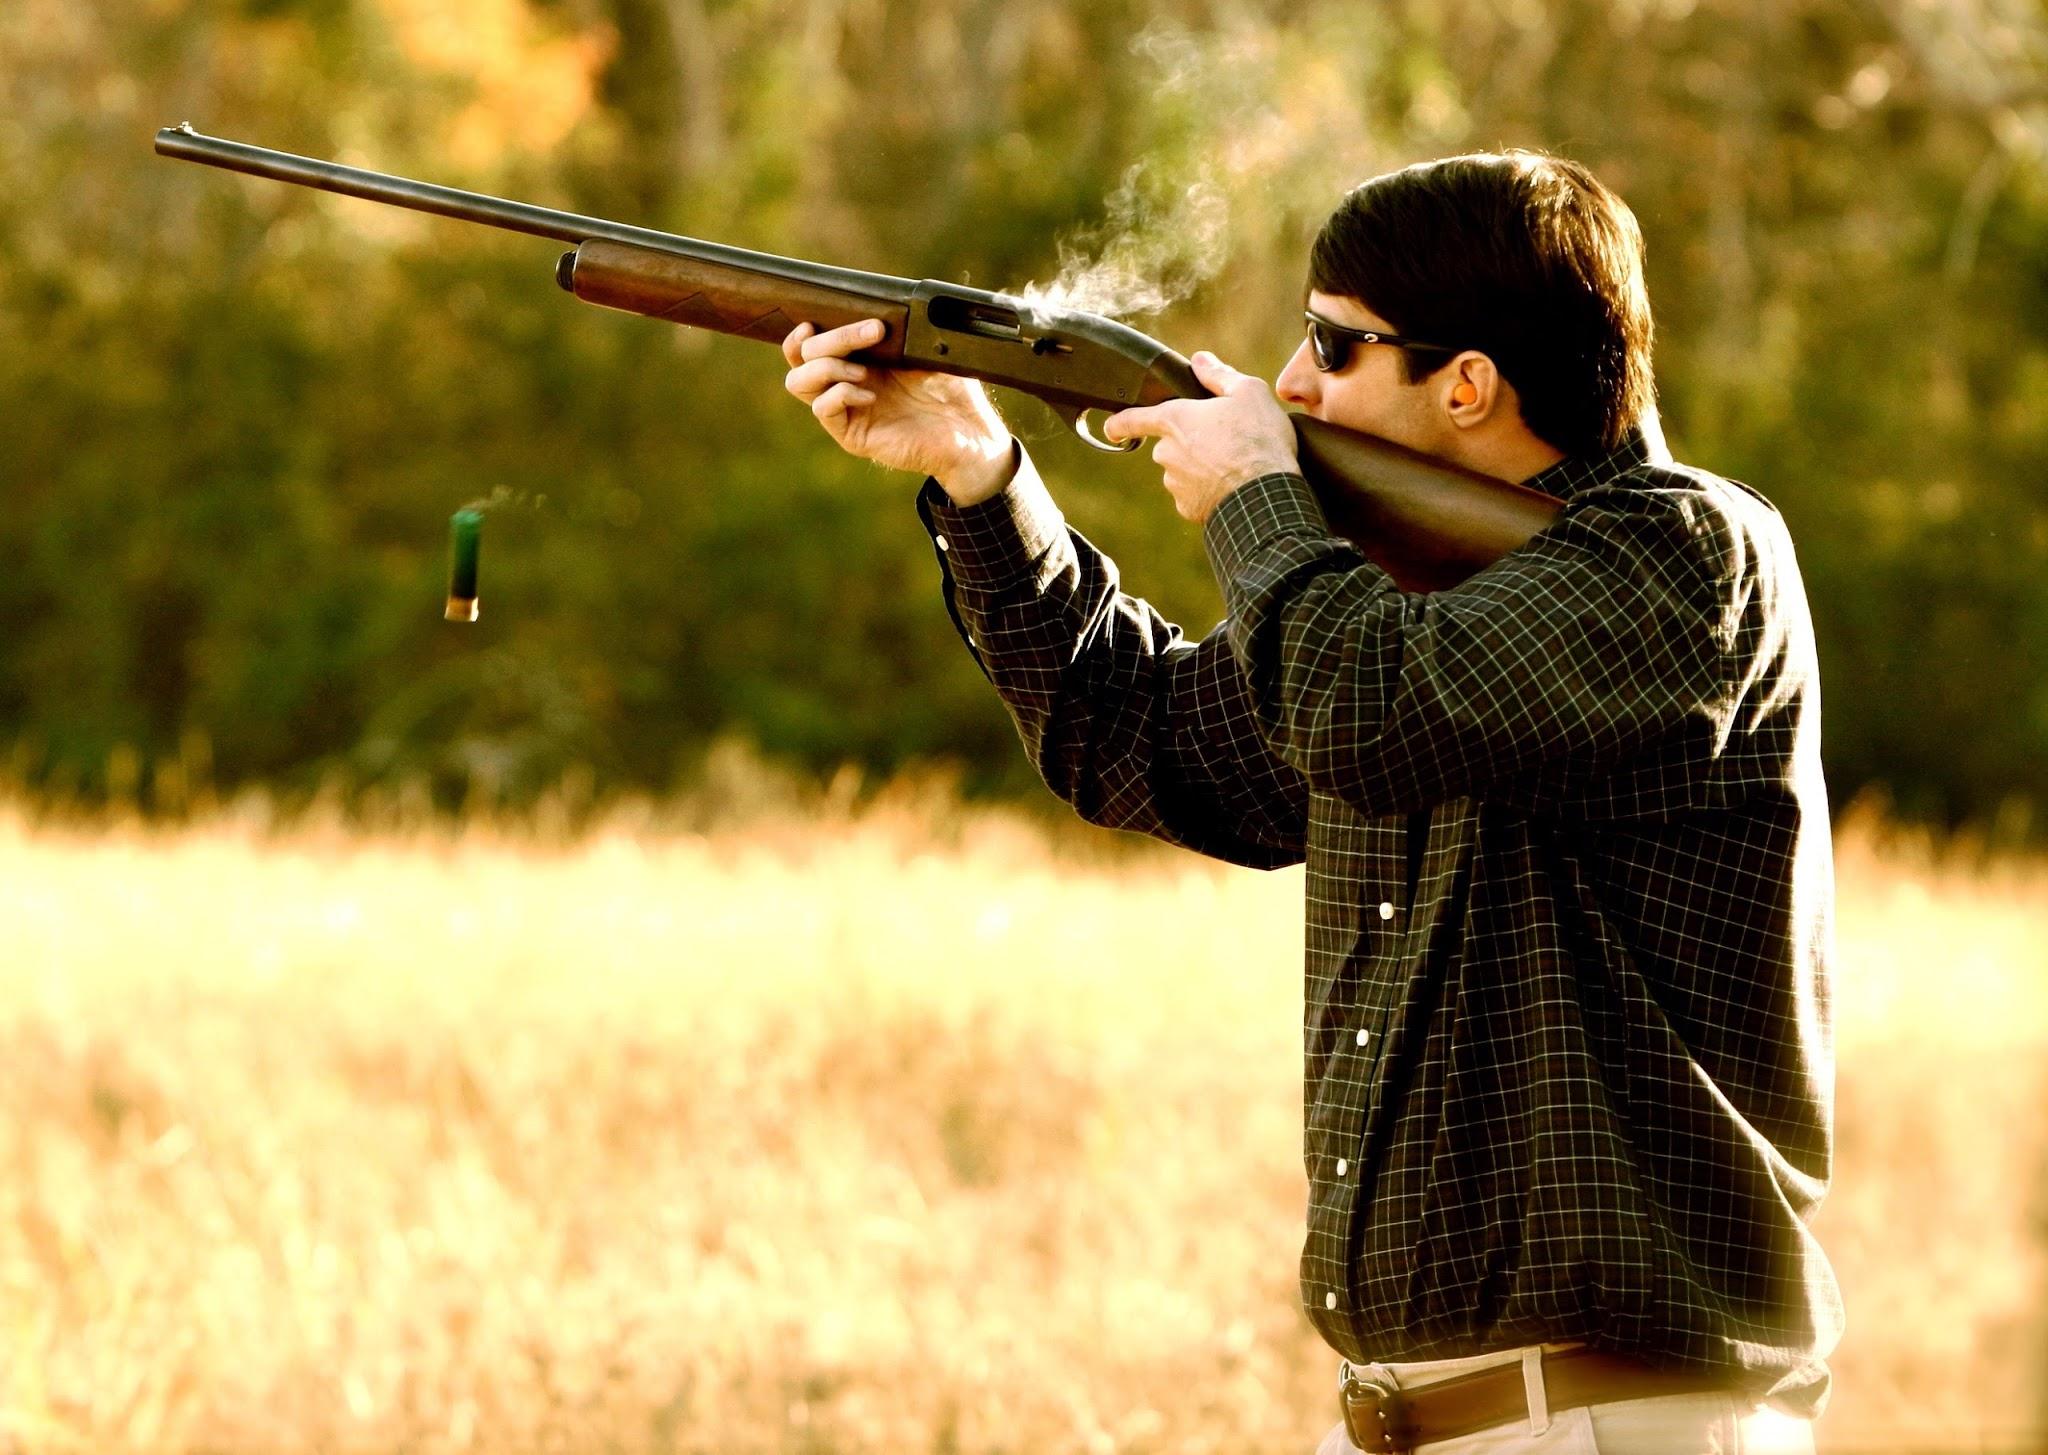 Rinvio Prova pratica di tiro DGR 1191/2017 del 30 gennaio 2019